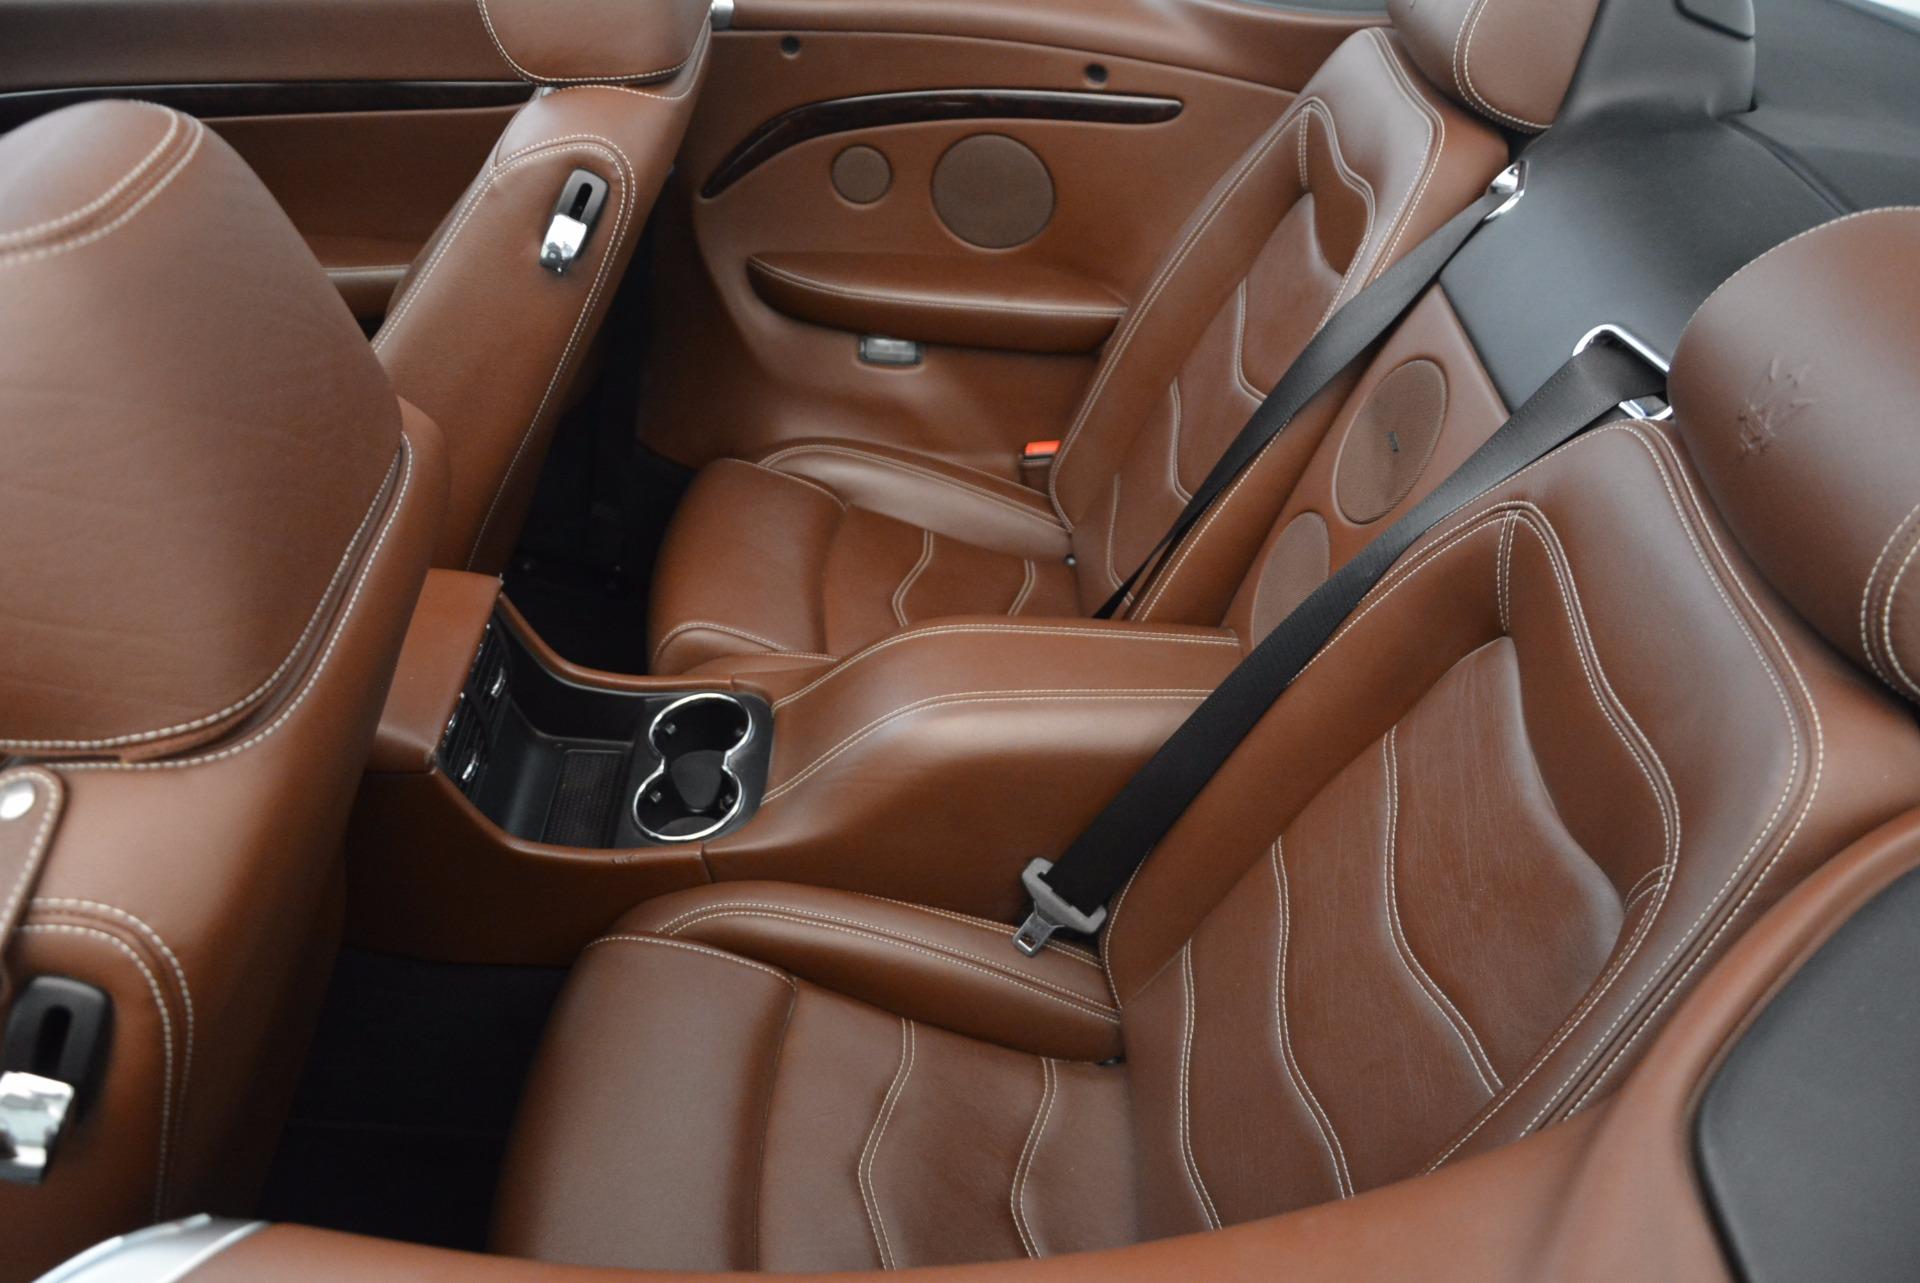 Used 2012 Maserati GranTurismo Sport For Sale In Greenwich, CT 1097_p25